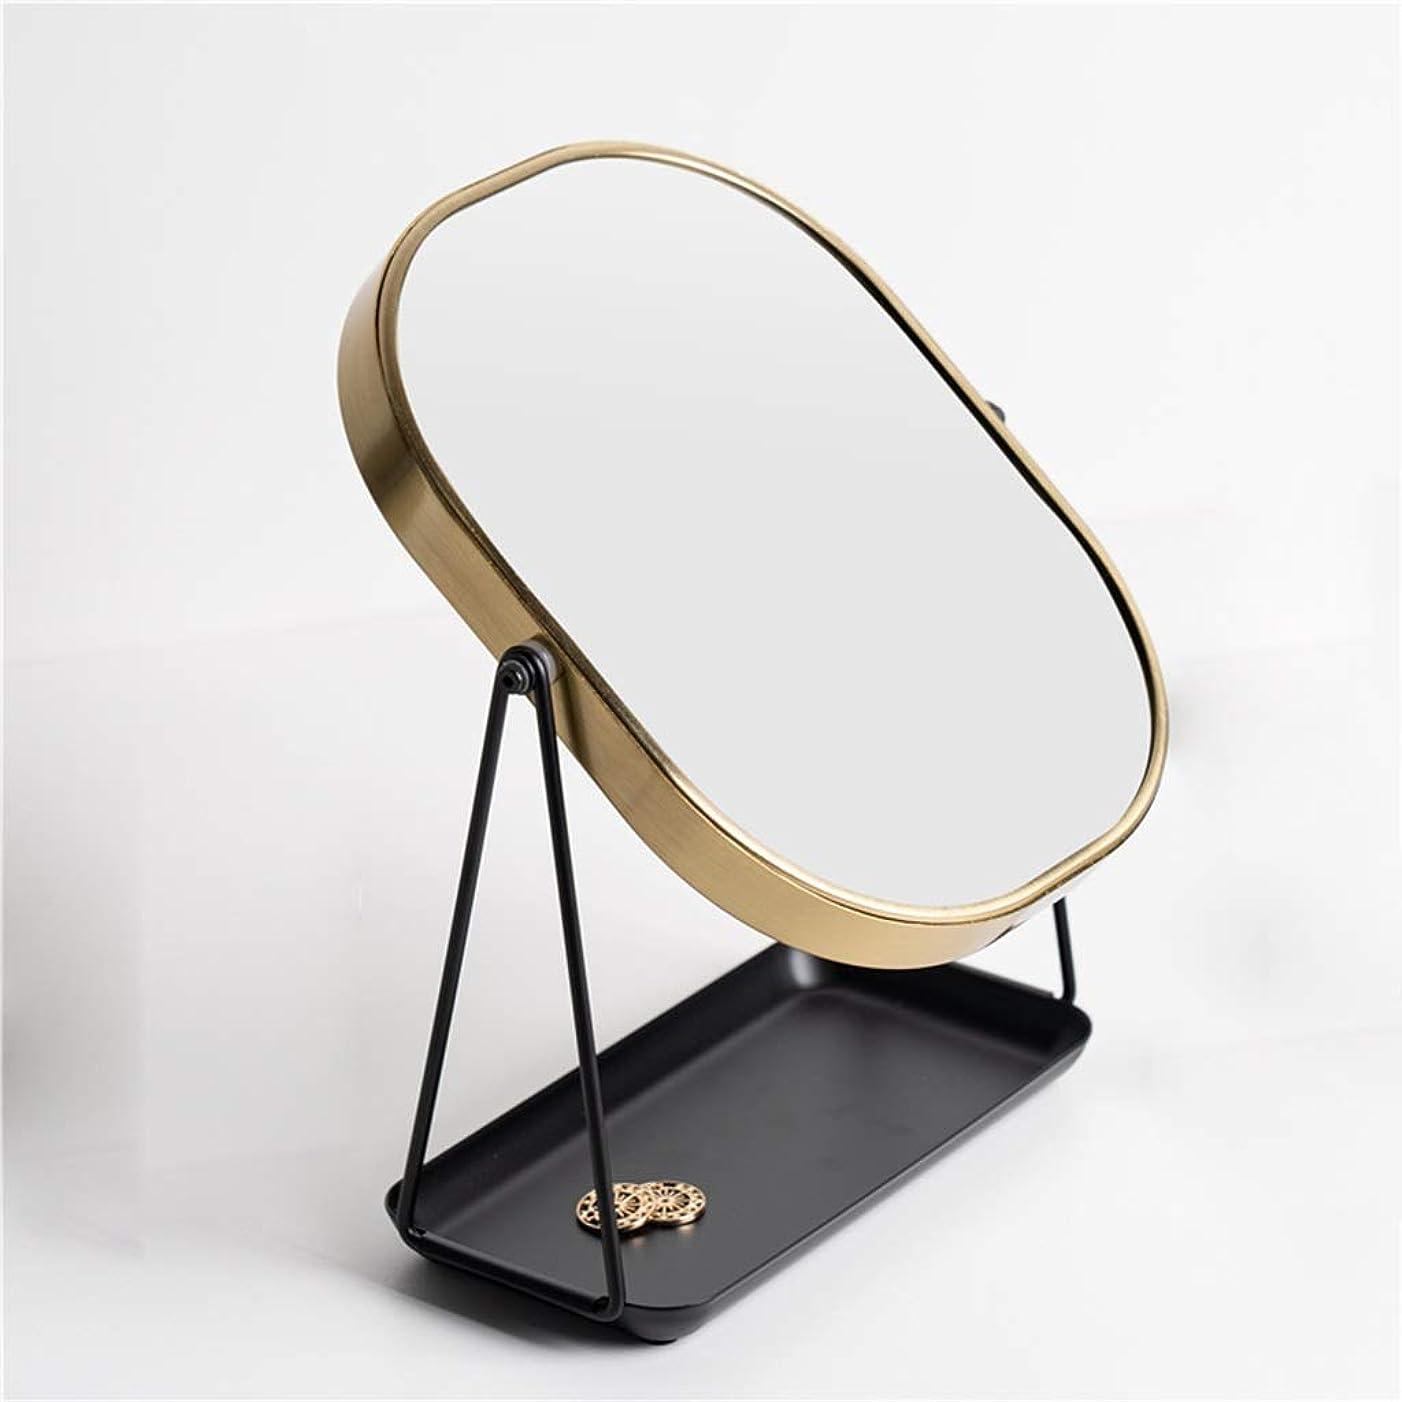 プラカードなんとなく怖がって死ぬ両面化粧鏡 回転させて360°の洗面化粧台ミラー、卓上メイクアップミラー、バニティ、のためのファッションシンプルなバスルームの鏡ダブル、ストレージ、簡単にストア化粧品